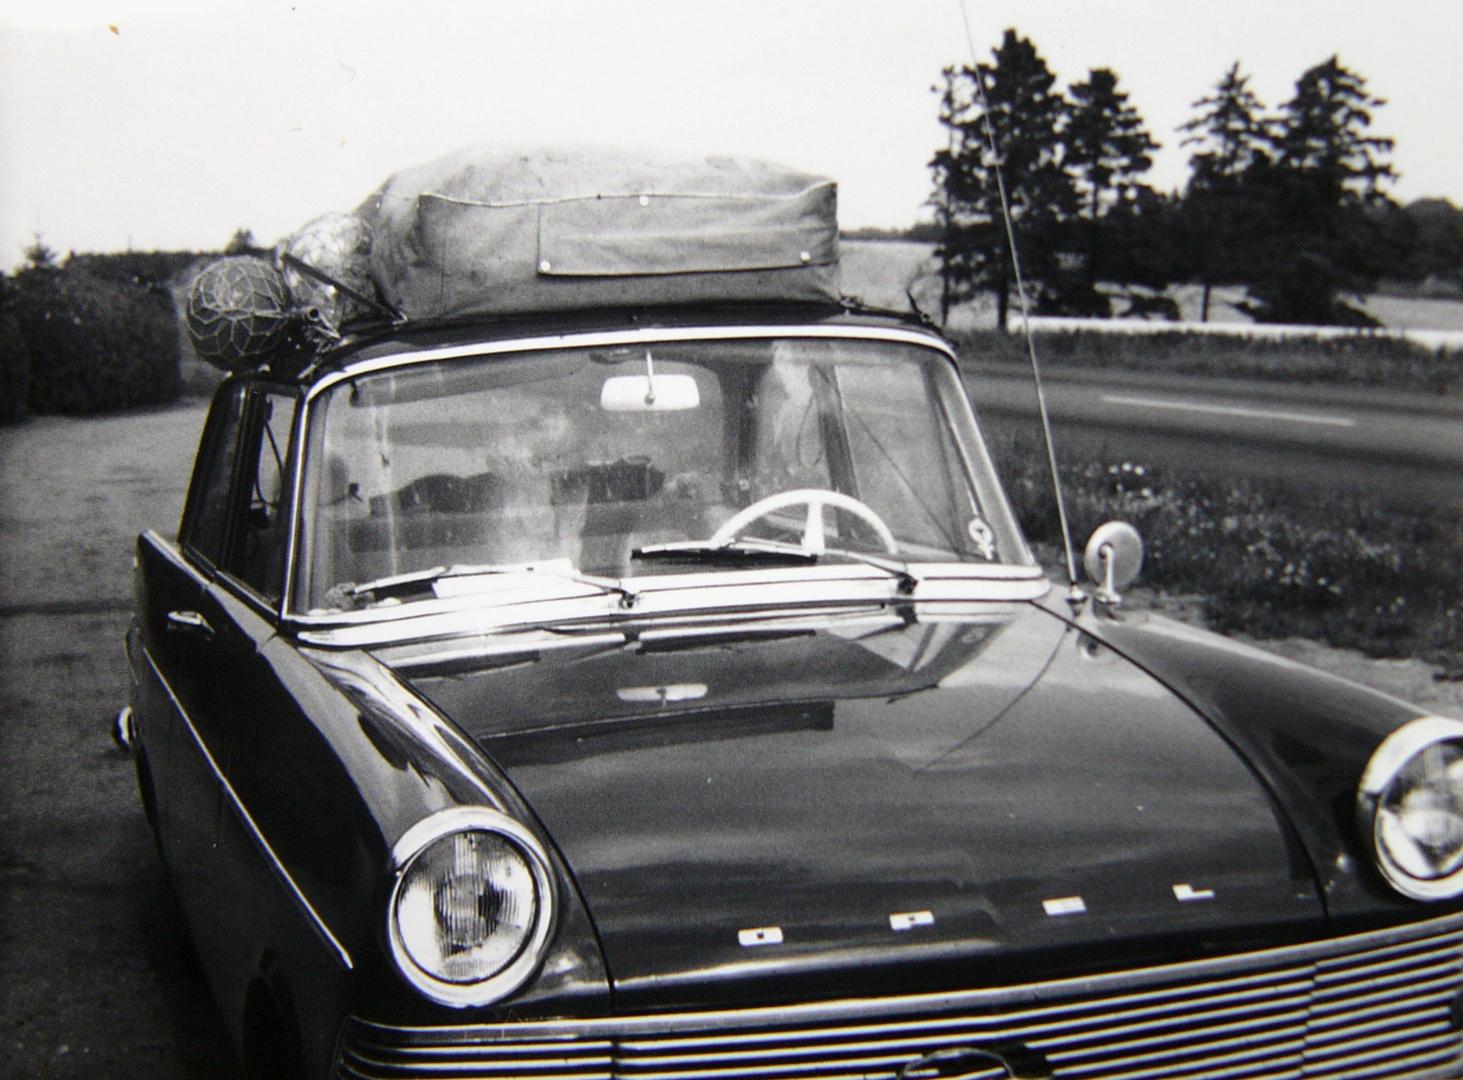 Reise, Reise... Reisegepäck 1964